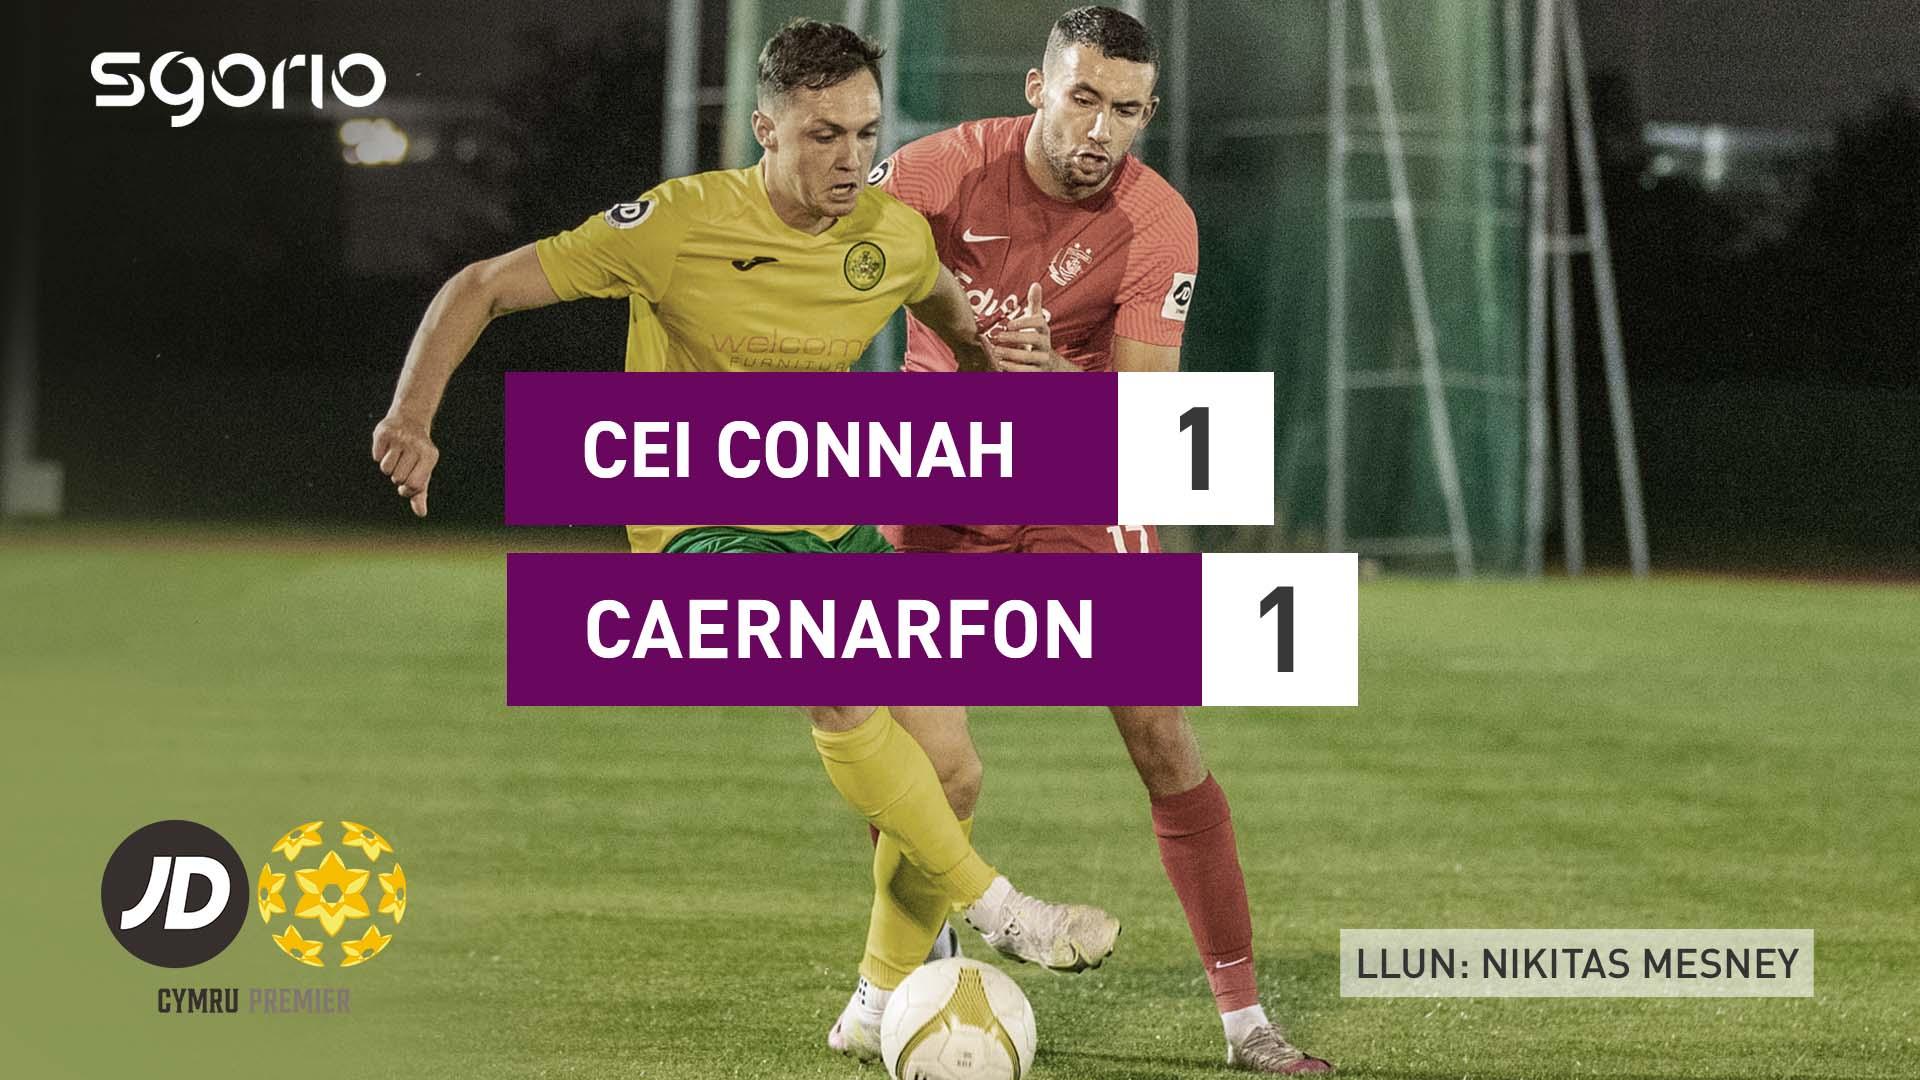 Cei Connah 1-1 Caernarfon